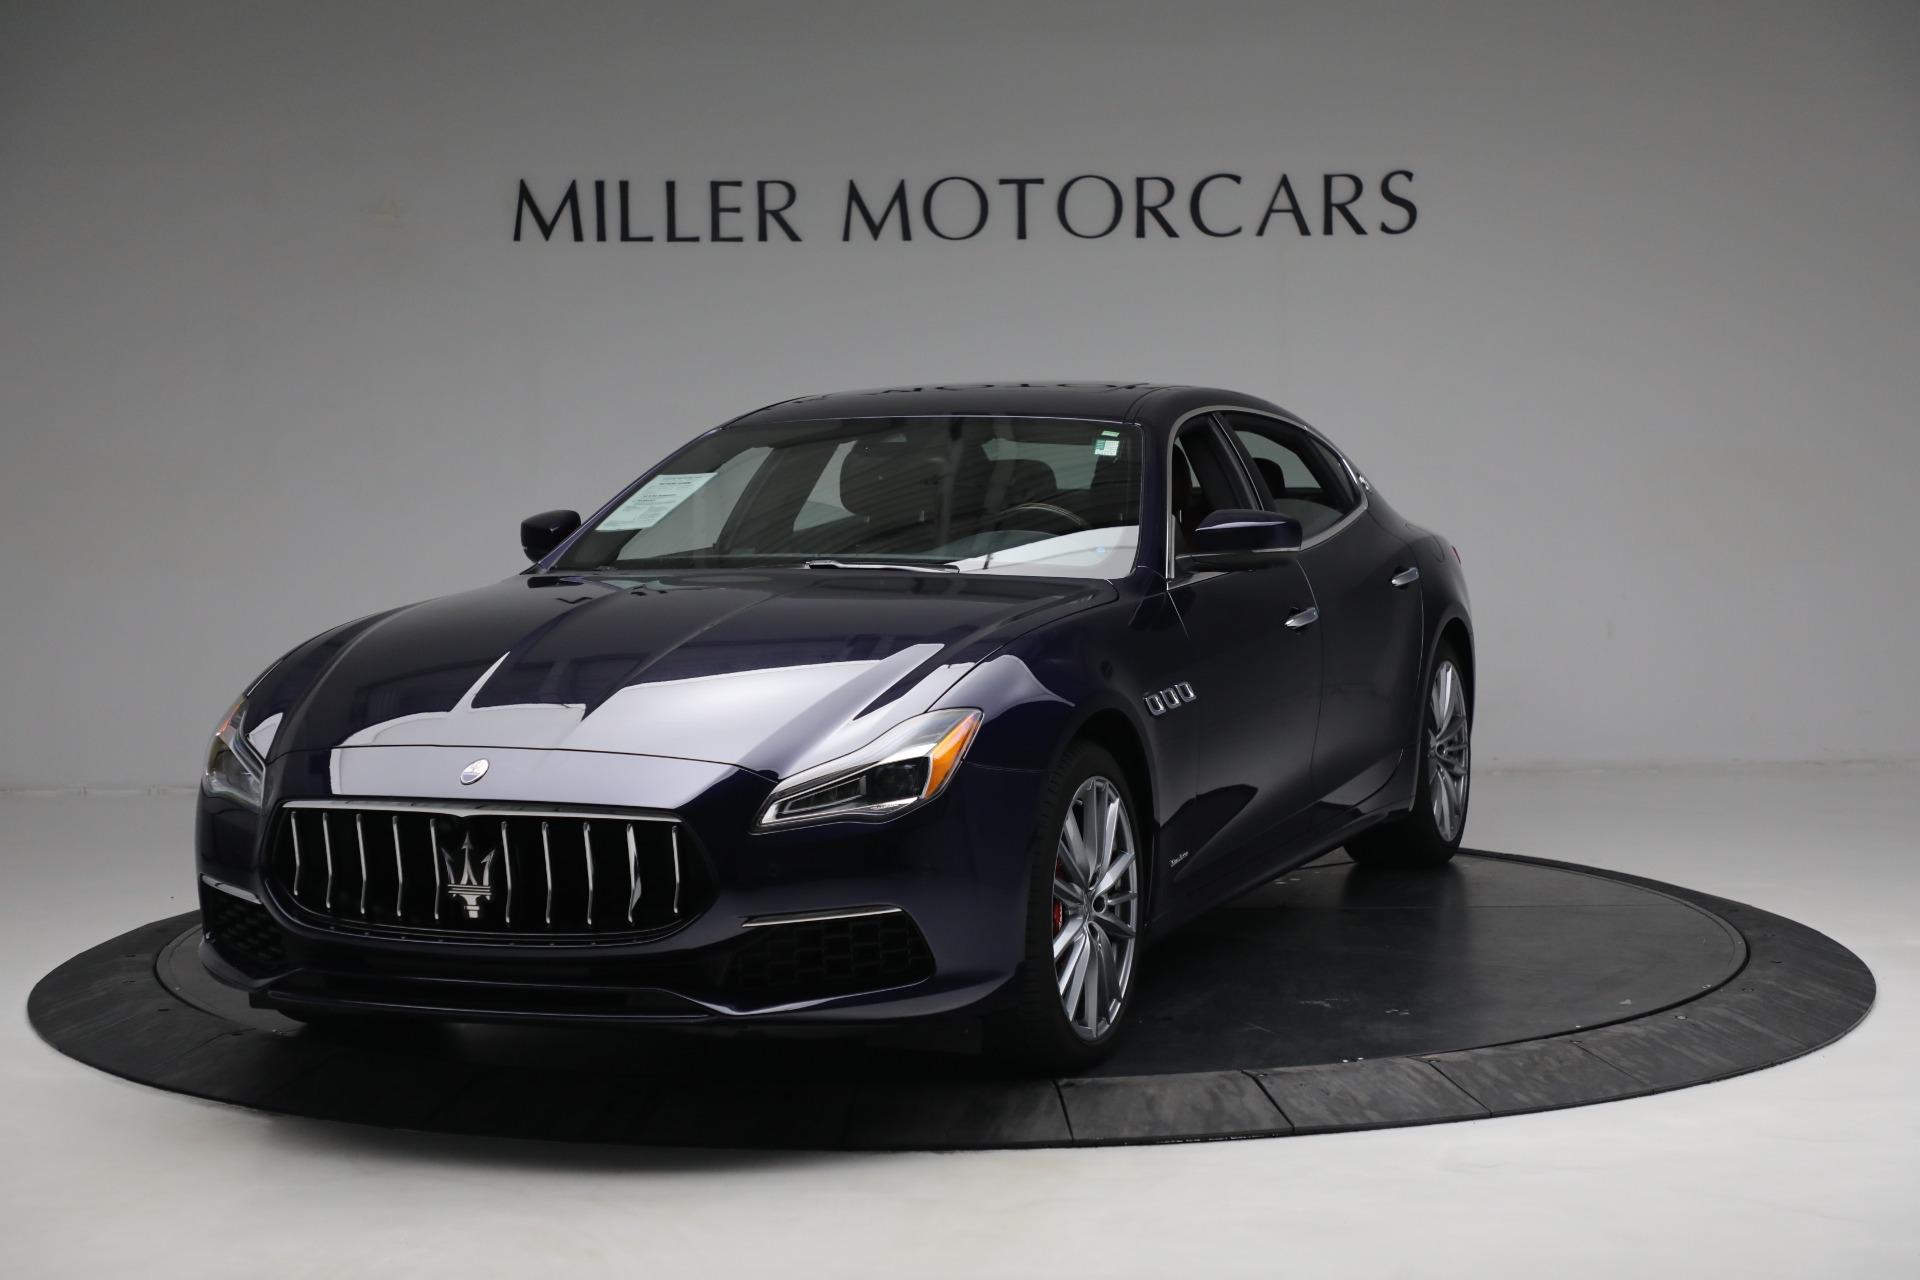 New 2019 Maserati Quattroporte S Q4 GranLusso For Sale In Greenwich, CT. Alfa Romeo of Greenwich, W646 2746_main